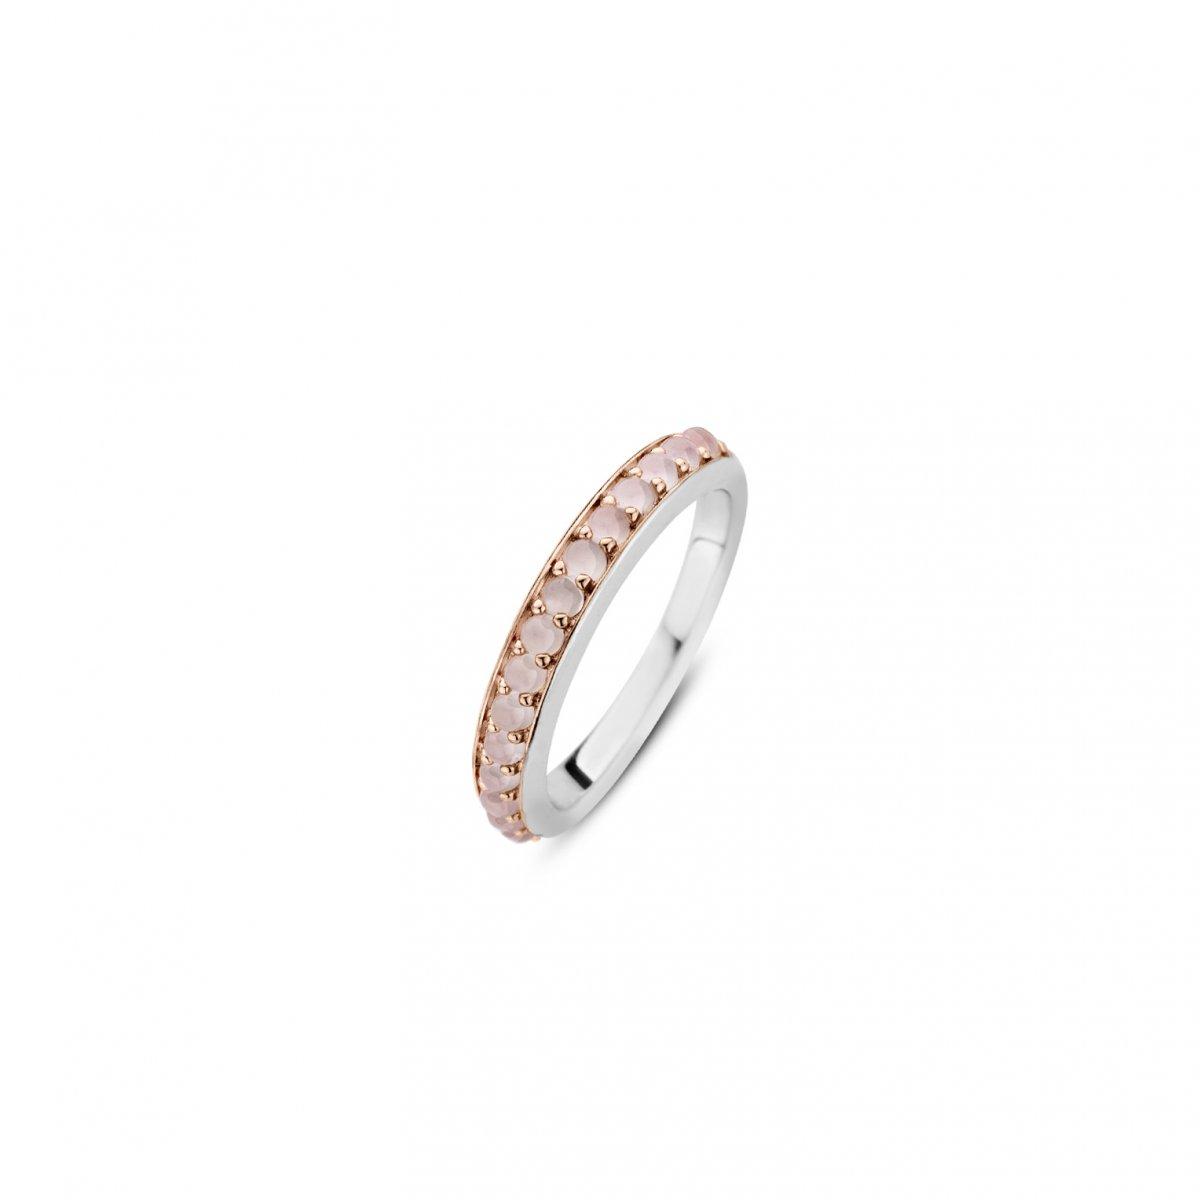 Prsteň TI SENTO s ružovým syntetickým kameňom